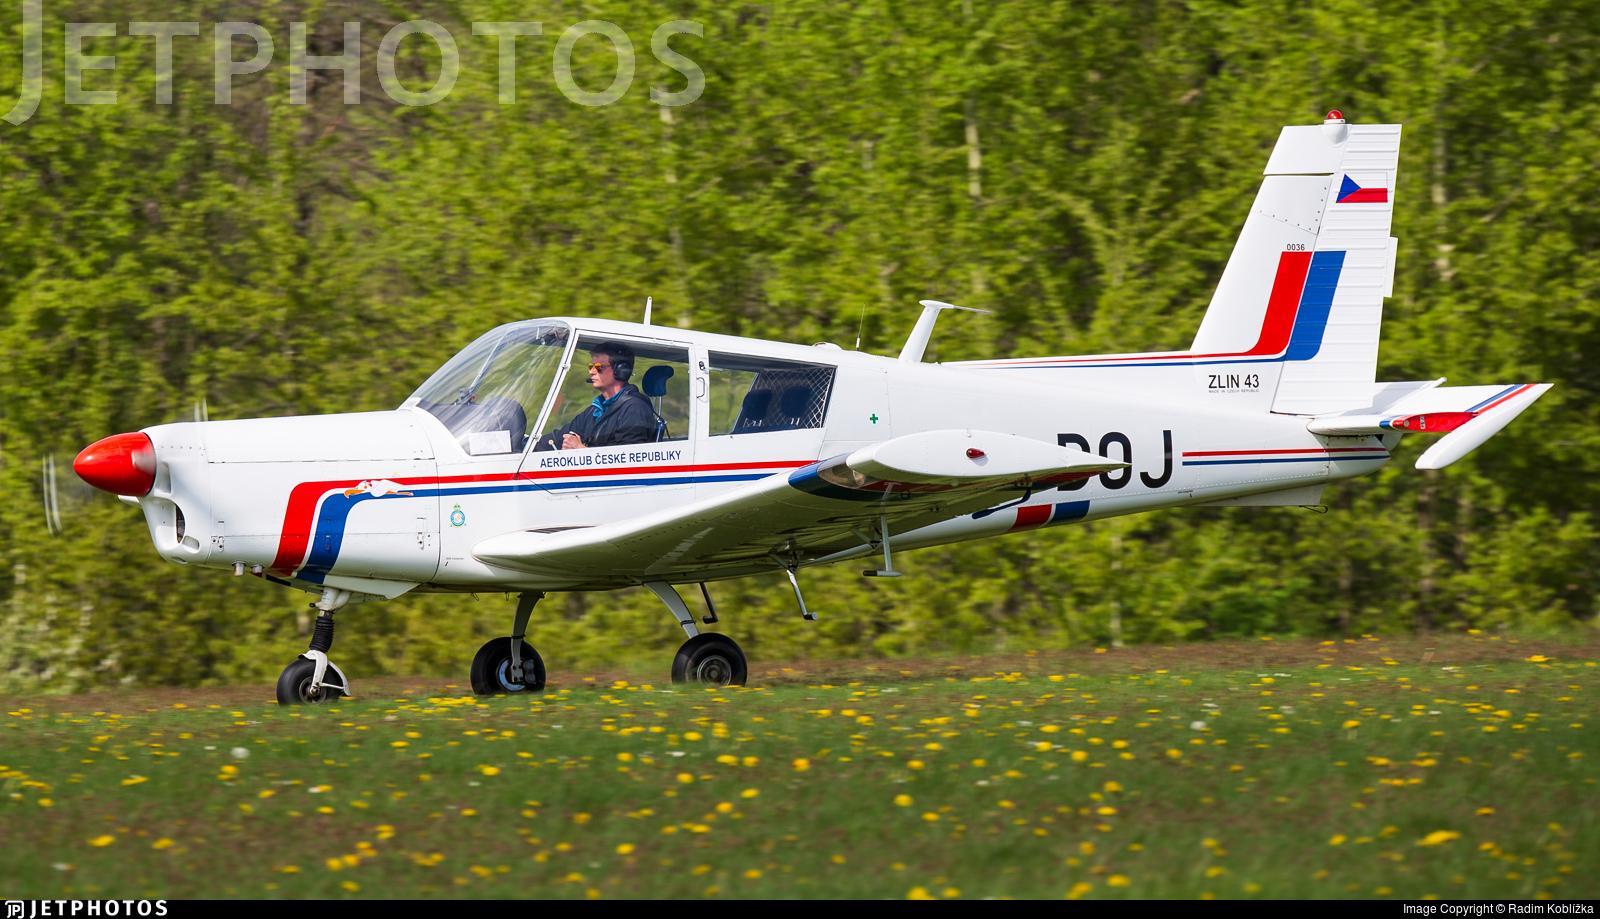 OK-DOJ - Zlin 43 - Aero Club - Czech Republic